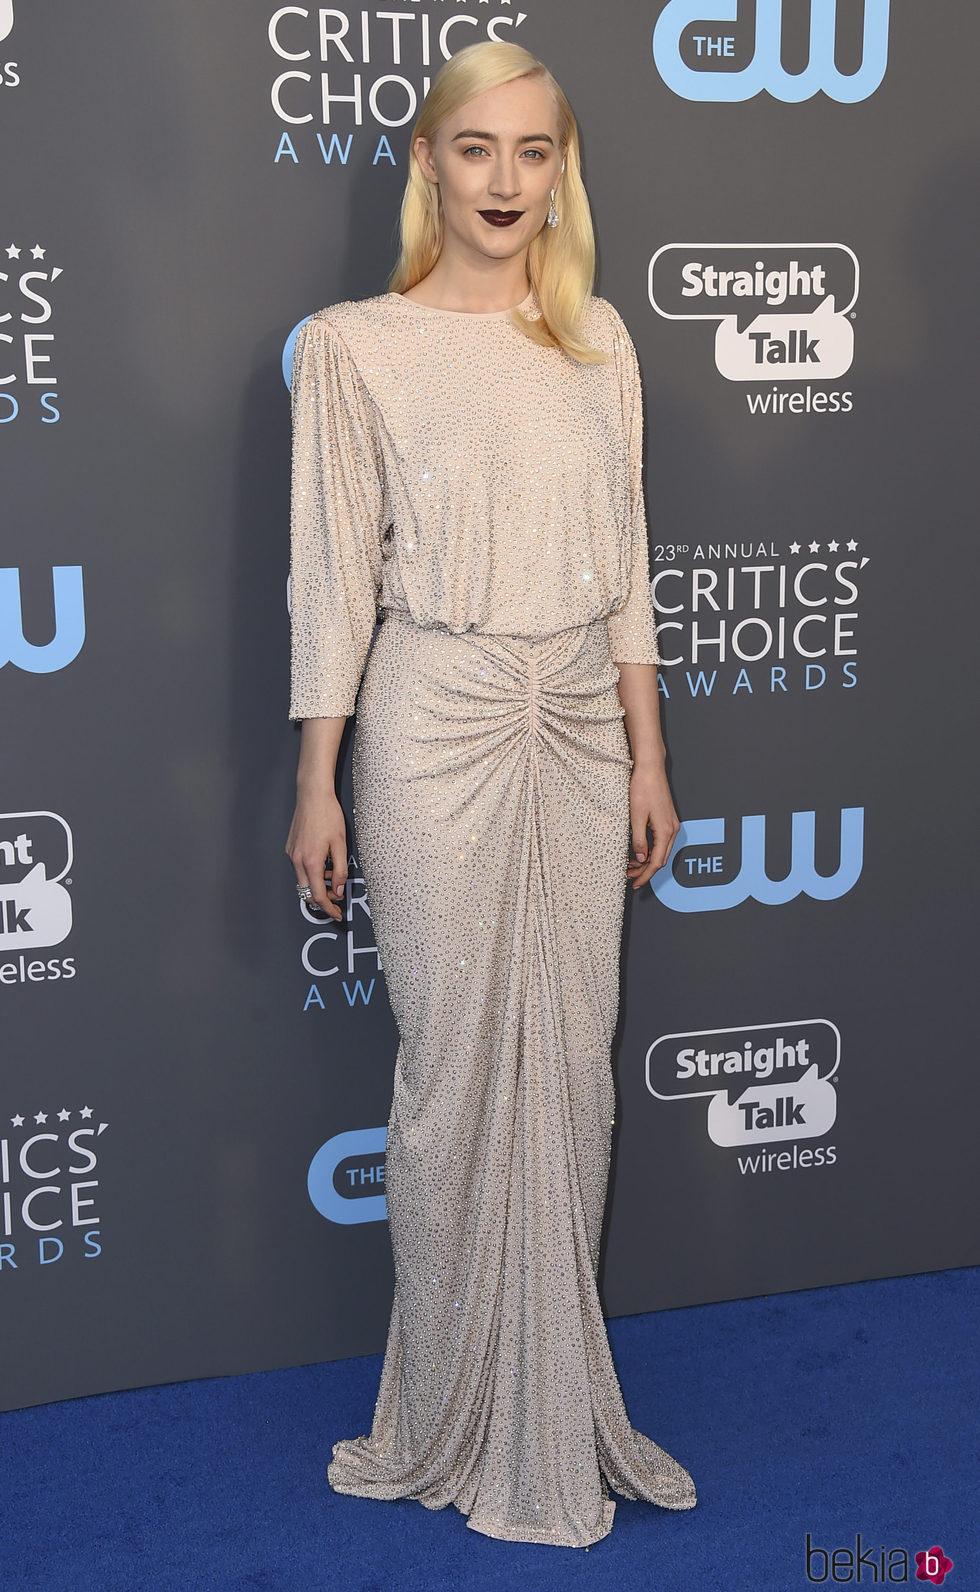 Saoirse Ronan en la alfombra roja de los Critics' Choice Awards 2018